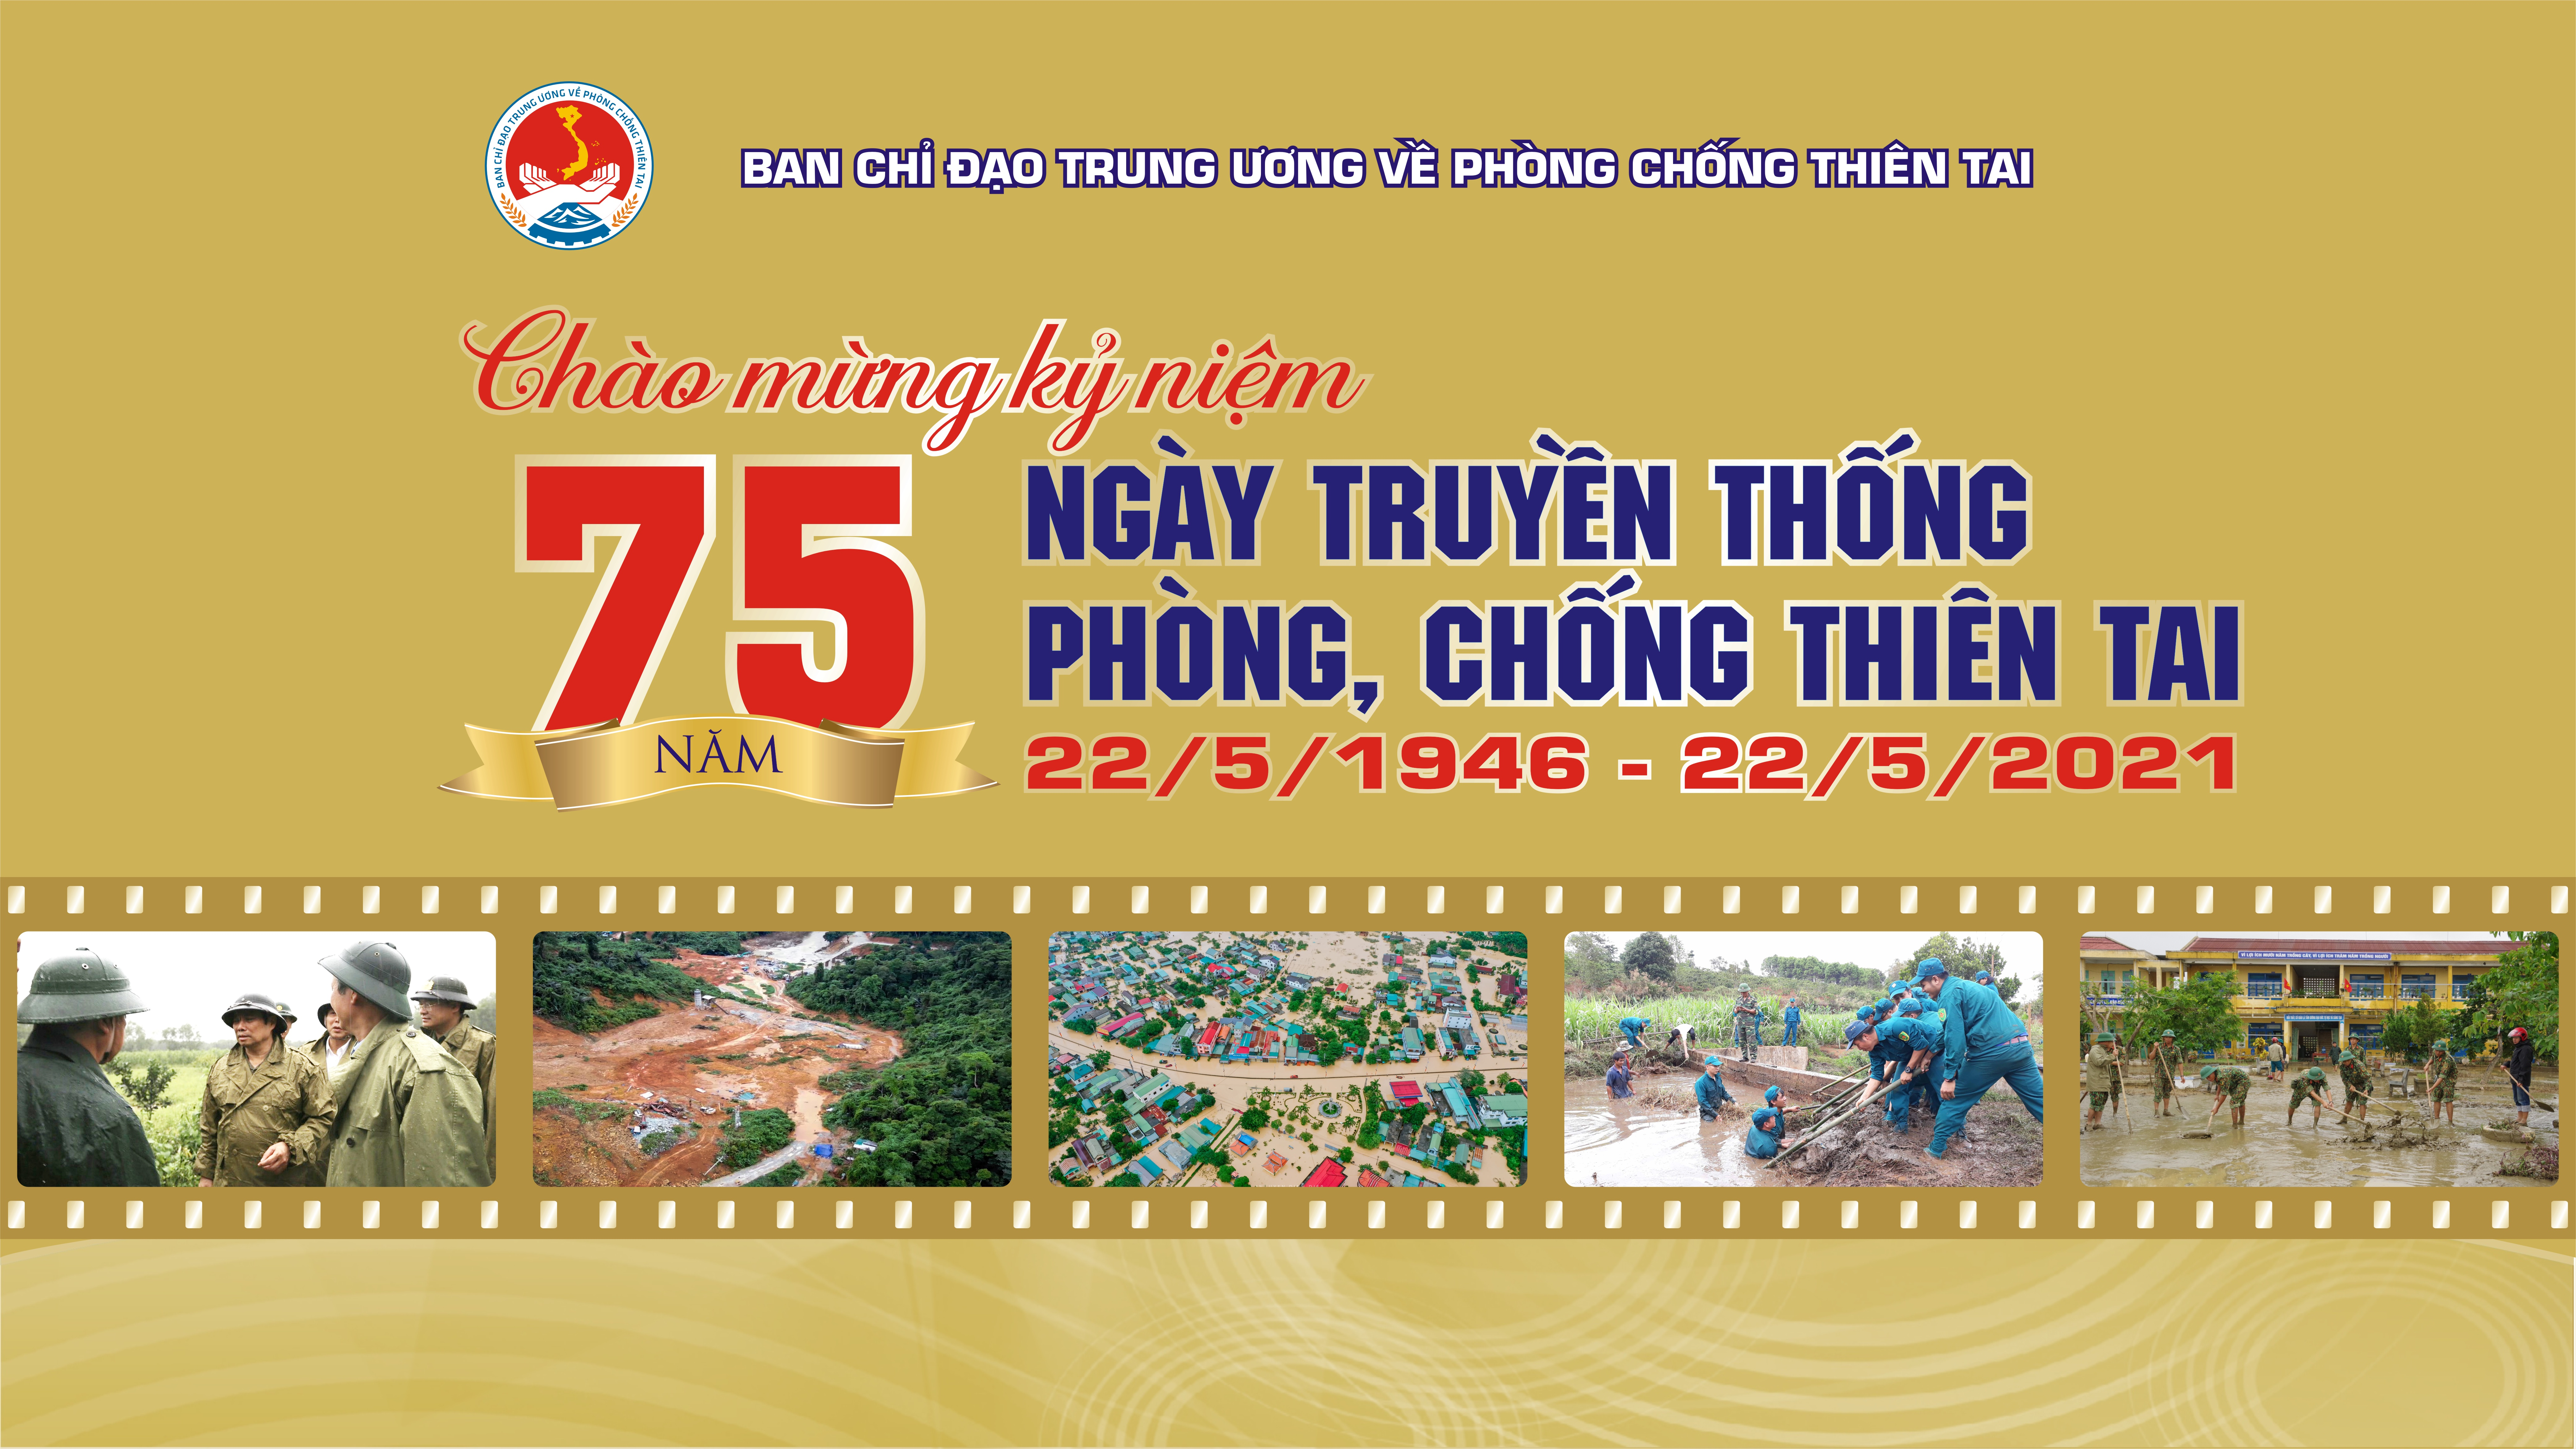 Tài liệu truyền thông phục vụ các hoạt động hưởng ứng Tuần lễ Quốc gia PCTT năm 2021 và kỷ niệm 75 năm Ngày truyền thống phòng chống thiên tai Việt Nam